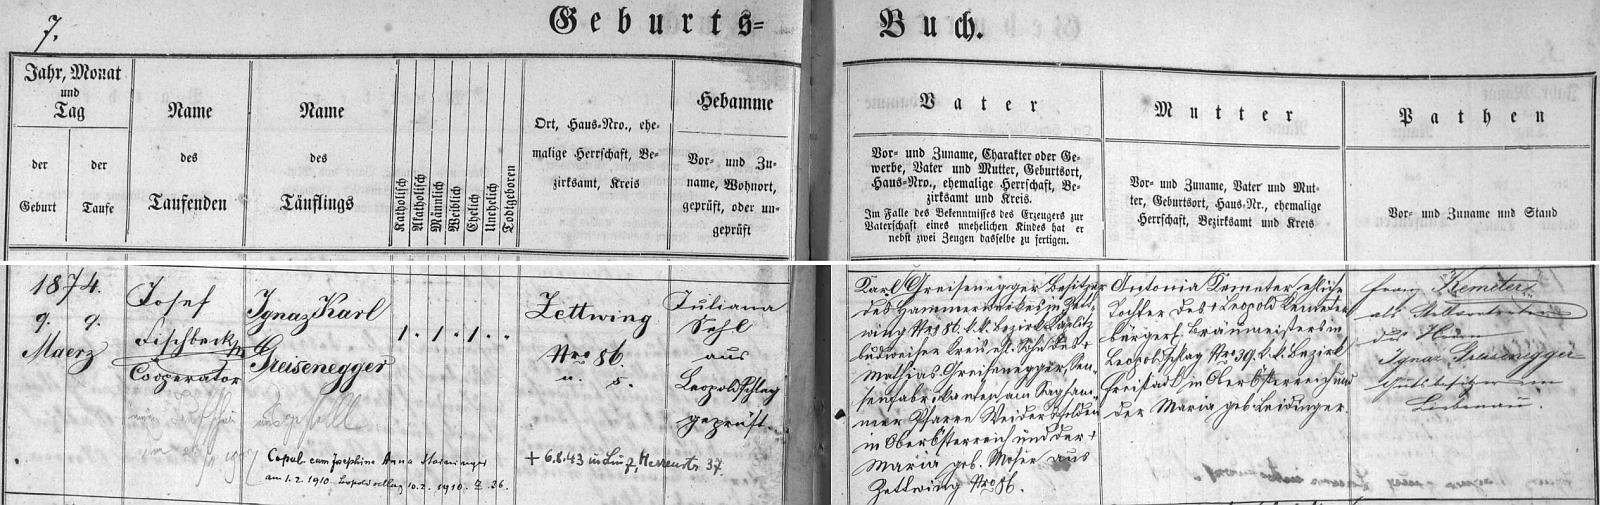 Záznam cetvinské křestní matriky o jeho narození s pozdějším přípisem o jeho svatbě v Leopoldschlagu roku 1910